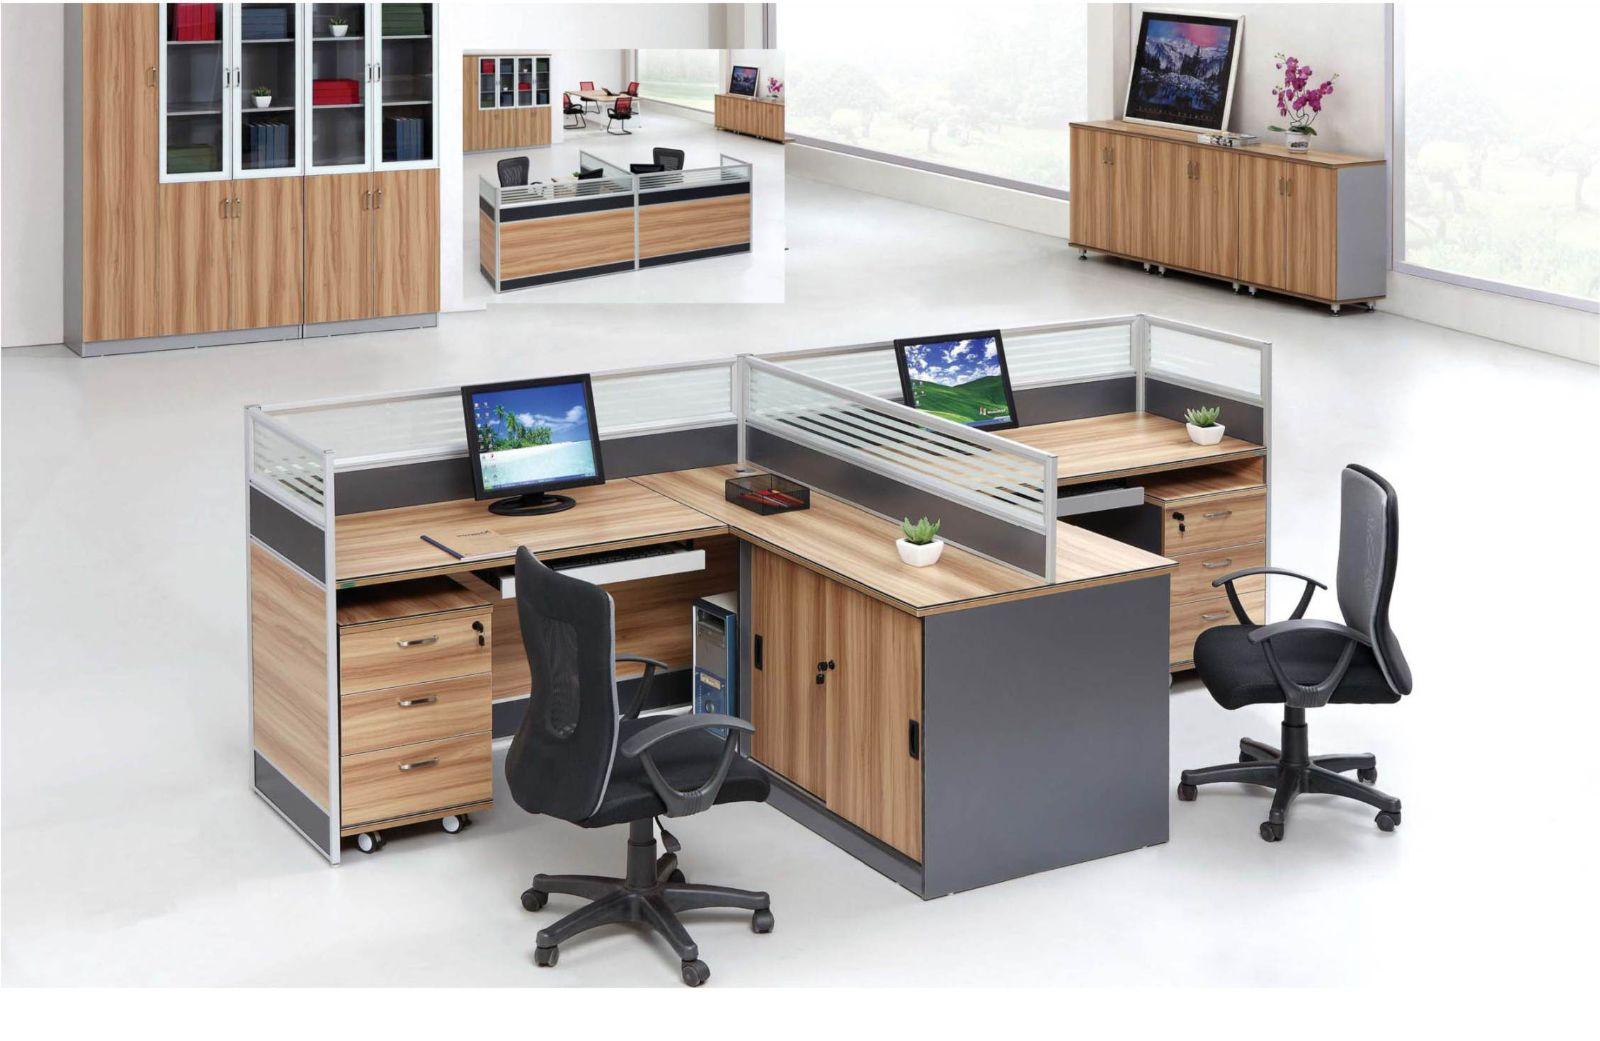 北京办公家具职员办公桌4人组合桌 屏风隔断桌组合员工桌